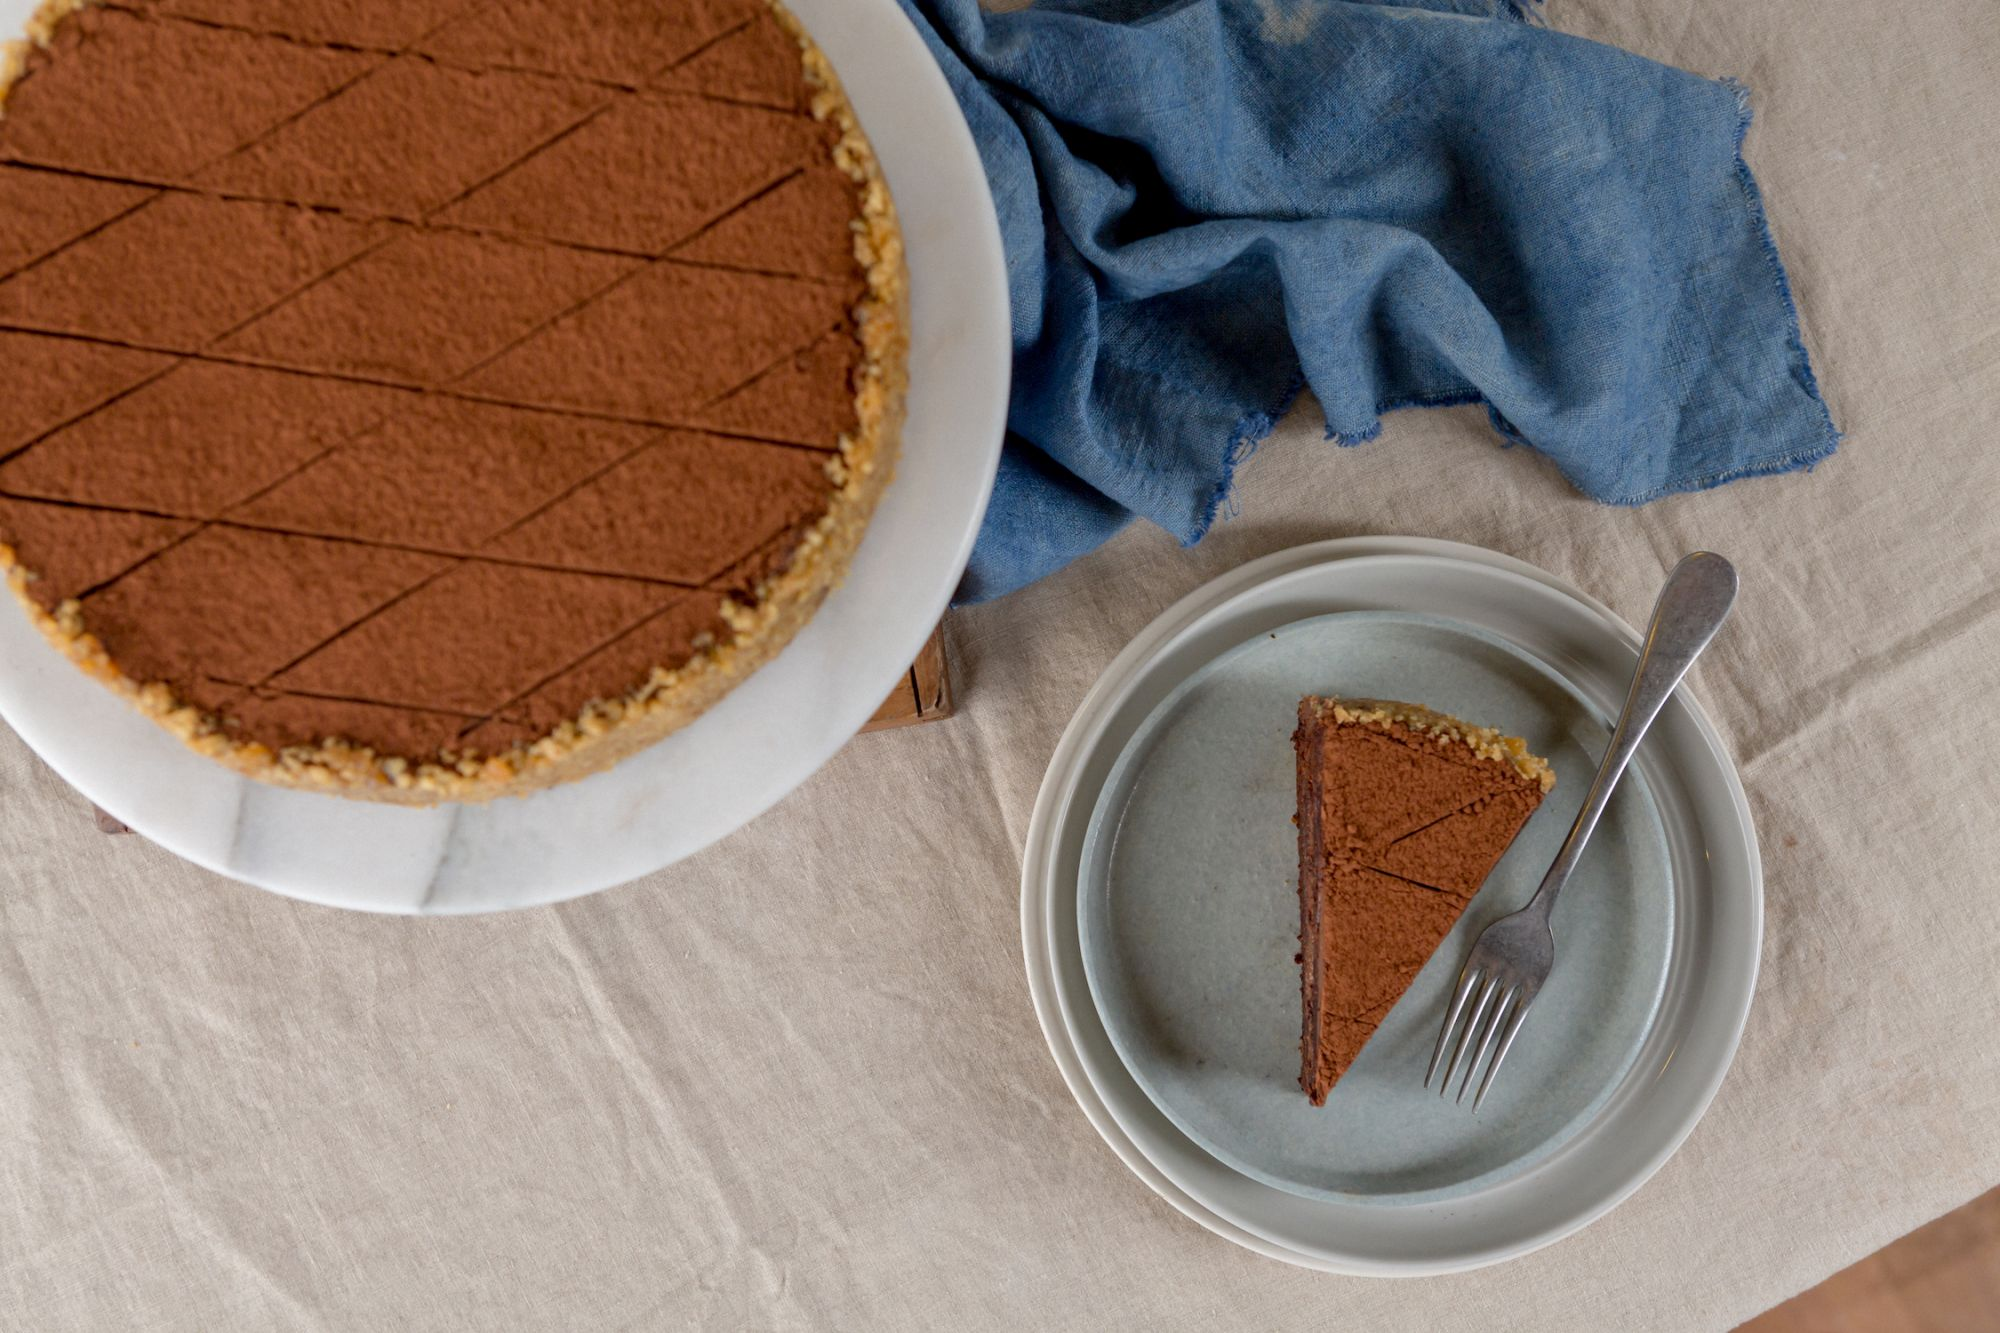 Invite dad to indulge in Nono's Chocolate Oblivion cake!